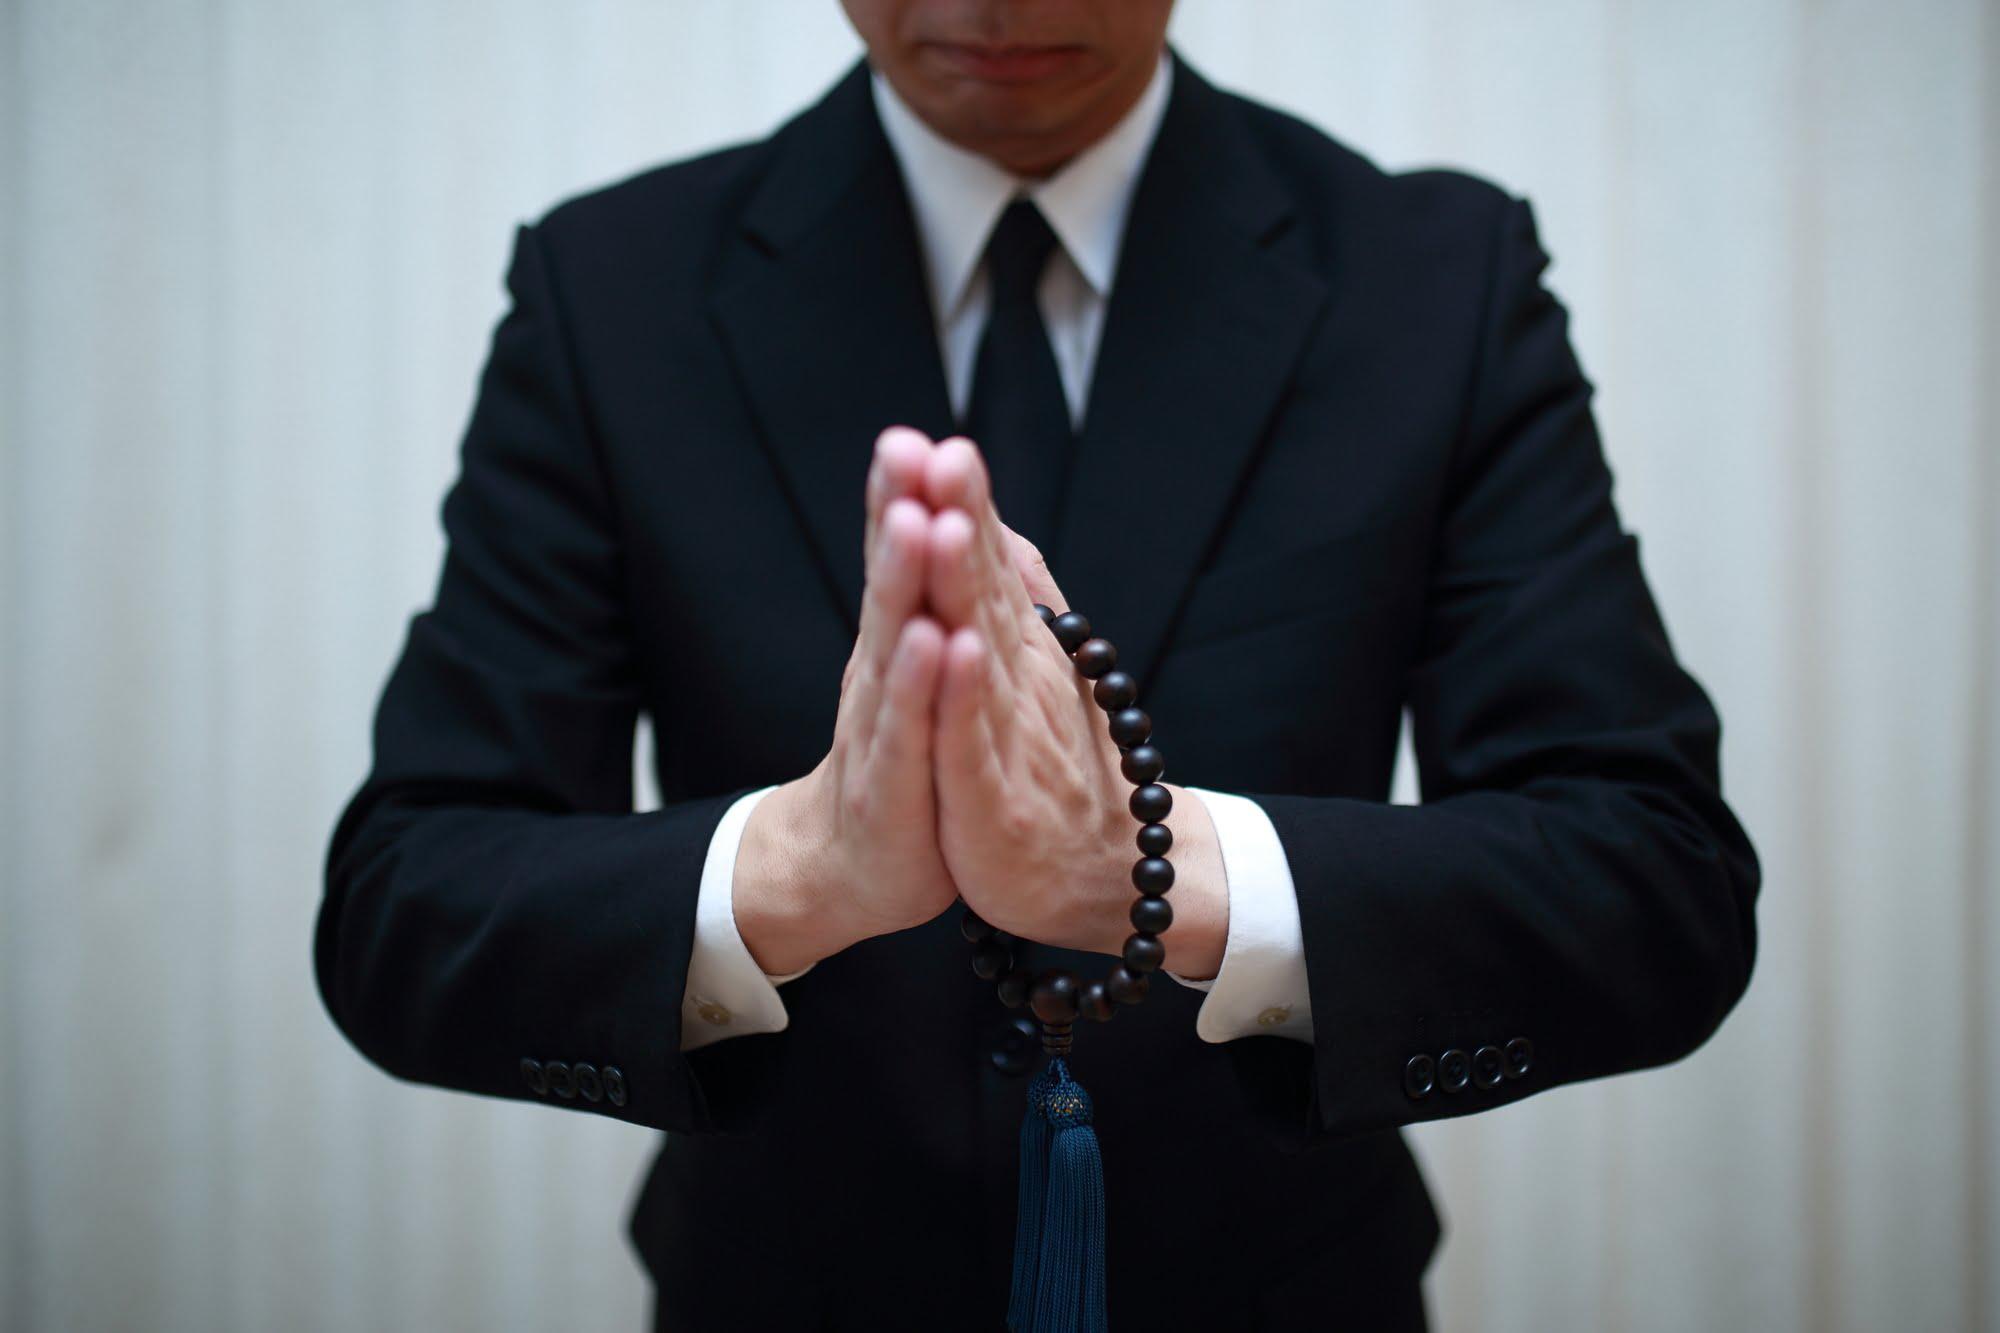 派遣-忌引きで葬儀に参加する男性派遣社員